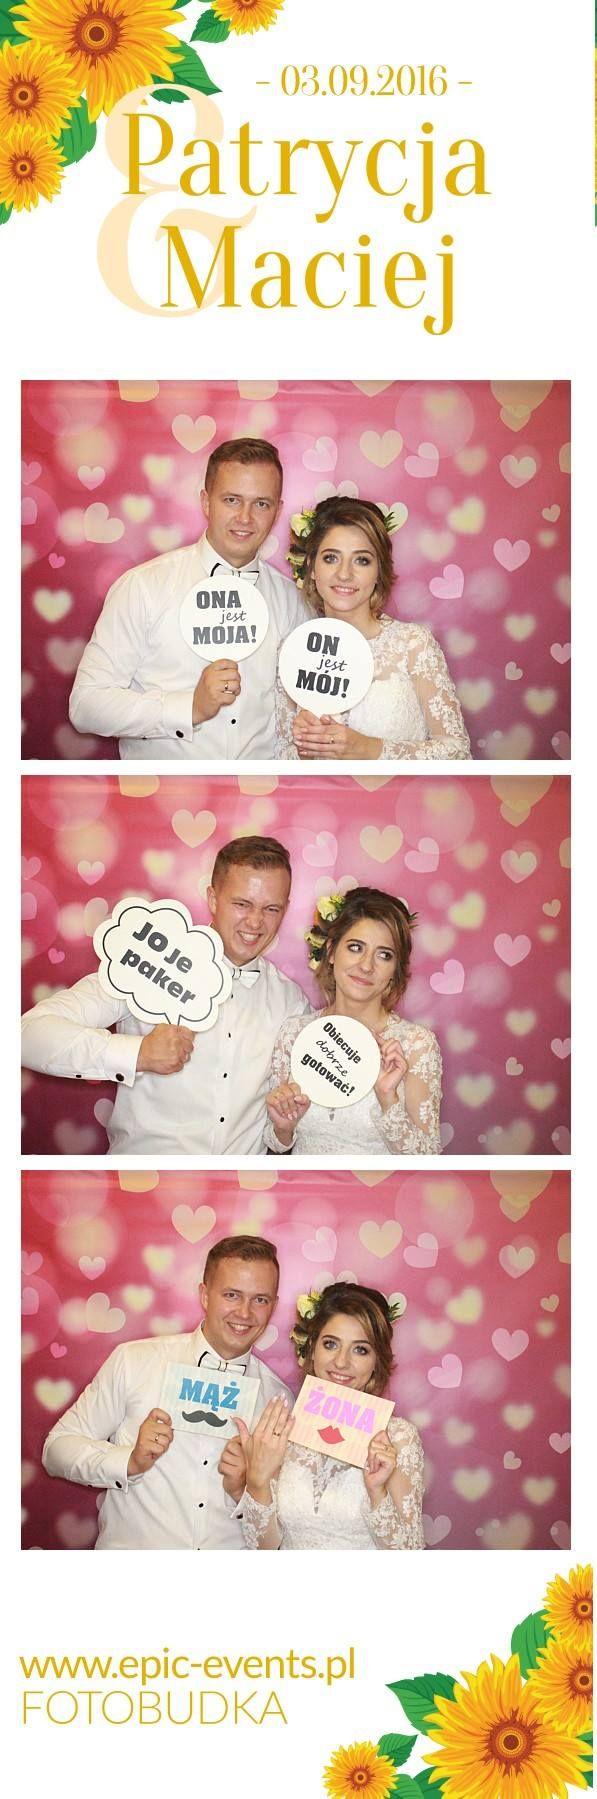 Patrycja & Maciej Wszystkiego co najpiękniejsze dla młodej pary <3   #fotobudka #photobooth #smile #fun #zdjęcie #wesele #uostrowskich #atrakcjanawesele  www.epic-events.pl